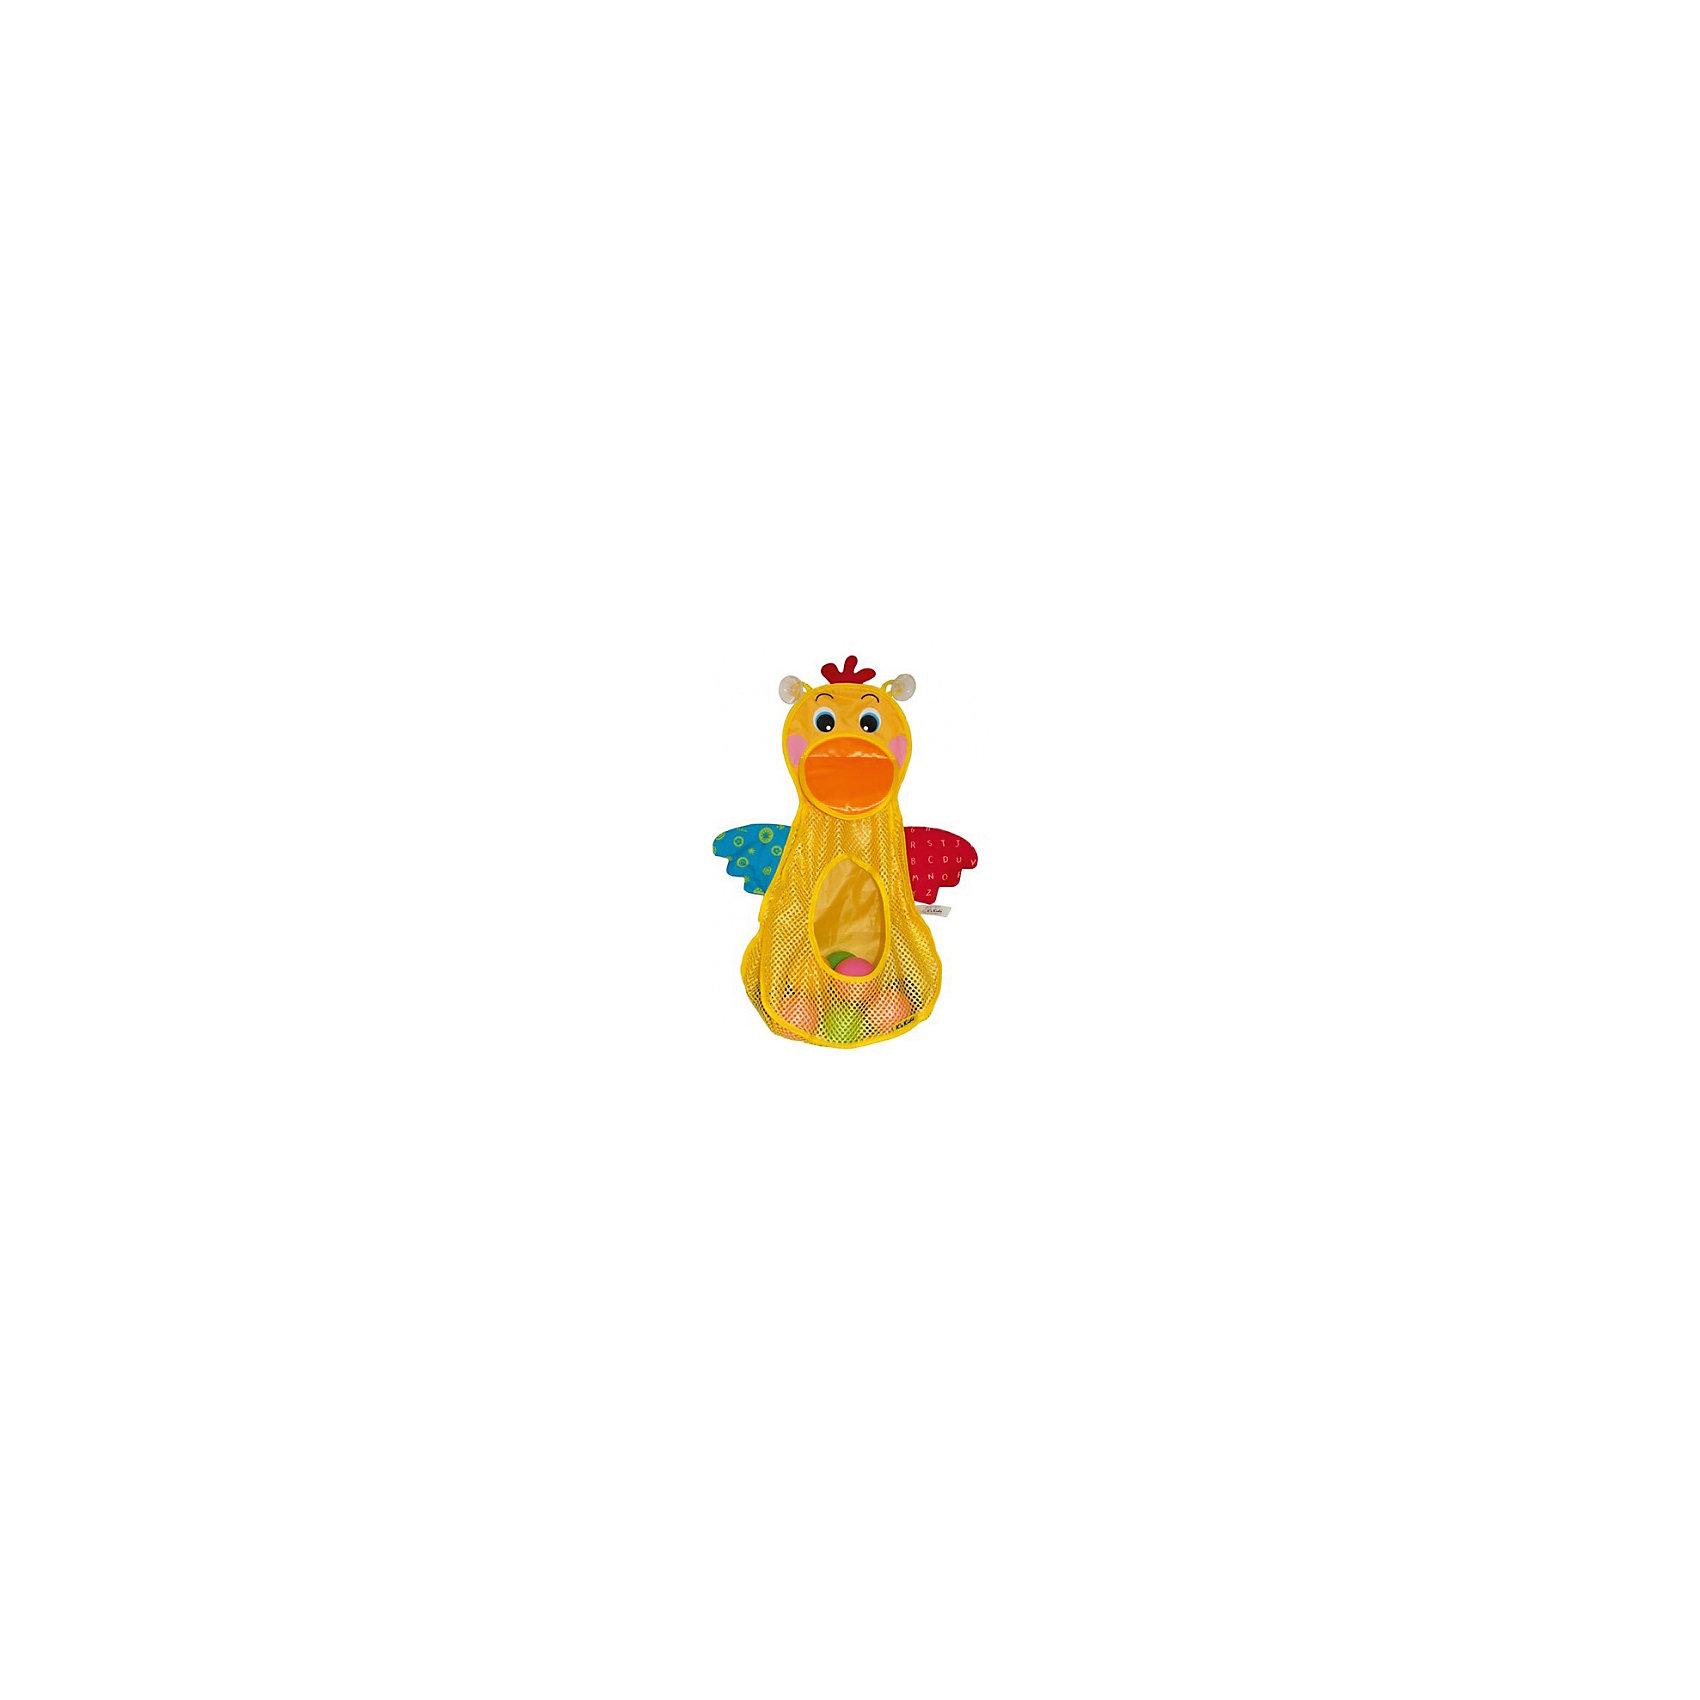 Голодный пеликан с мячиками, Ks KidsРазвивающие игрушки<br>Голодный пеликан с мячиками, Ks Kids (Кс Кидс) ? увлекательная игрушка для купания. В комплект входит сетка в форме пеликана и 10 ярких разноцветных мячиков разного размера. Предусмотренные две присоски на тыльной стороне пеликана позволят надежно закрепить сетку на поверхности ванны или на кафельной плитке. Вашему малышу обязательно понравится отлавливать мячики в воде и «кормить» голодную птичку. <br>Игрушку  «Голодный пеликан с мячиками», Ks Kids (Кс Кидс) можно использовать в качестве хранения ванных принадлежностей и других игрушек, так как ее размер достаточно вместительный.<br>Голодный пеликан с мячиками, Ks Kids (Кс Кидс) развивает ловкость, точность движений, внимательность, учит терпеливо достигать своей цели.<br><br>Дополнительная информация:<br><br>- Вид игр: игры в воде<br>- Предназначение: для ванной, для бассейна, для улицы<br>- Материал: водоотталкивающий текстиль, пластик<br>- Размер: 126*7,5*28 см<br>- Вес: 417 г<br>- Комплектация: сетка-пеликан, 10 мячиков<br>- Особенности ухода: разрешается деликатная стирка, мячики можно мыть в мыльной воде<br><br>Подробнее:<br><br>• Для детей в возрасте: от 1 года до 3 лет<br>• Страна производитель: Китай<br>• Торговый бренд: Ks Kids<br><br>Голодного пеликана с мячиками, Ks Kids (Кс Кидс) можно купить в нашем интернет-магазине.<br><br>Ширина мм: 260<br>Глубина мм: 280<br>Высота мм: 75<br>Вес г: 417<br>Возраст от месяцев: 12<br>Возраст до месяцев: 36<br>Пол: Унисекс<br>Возраст: Детский<br>SKU: 4790453